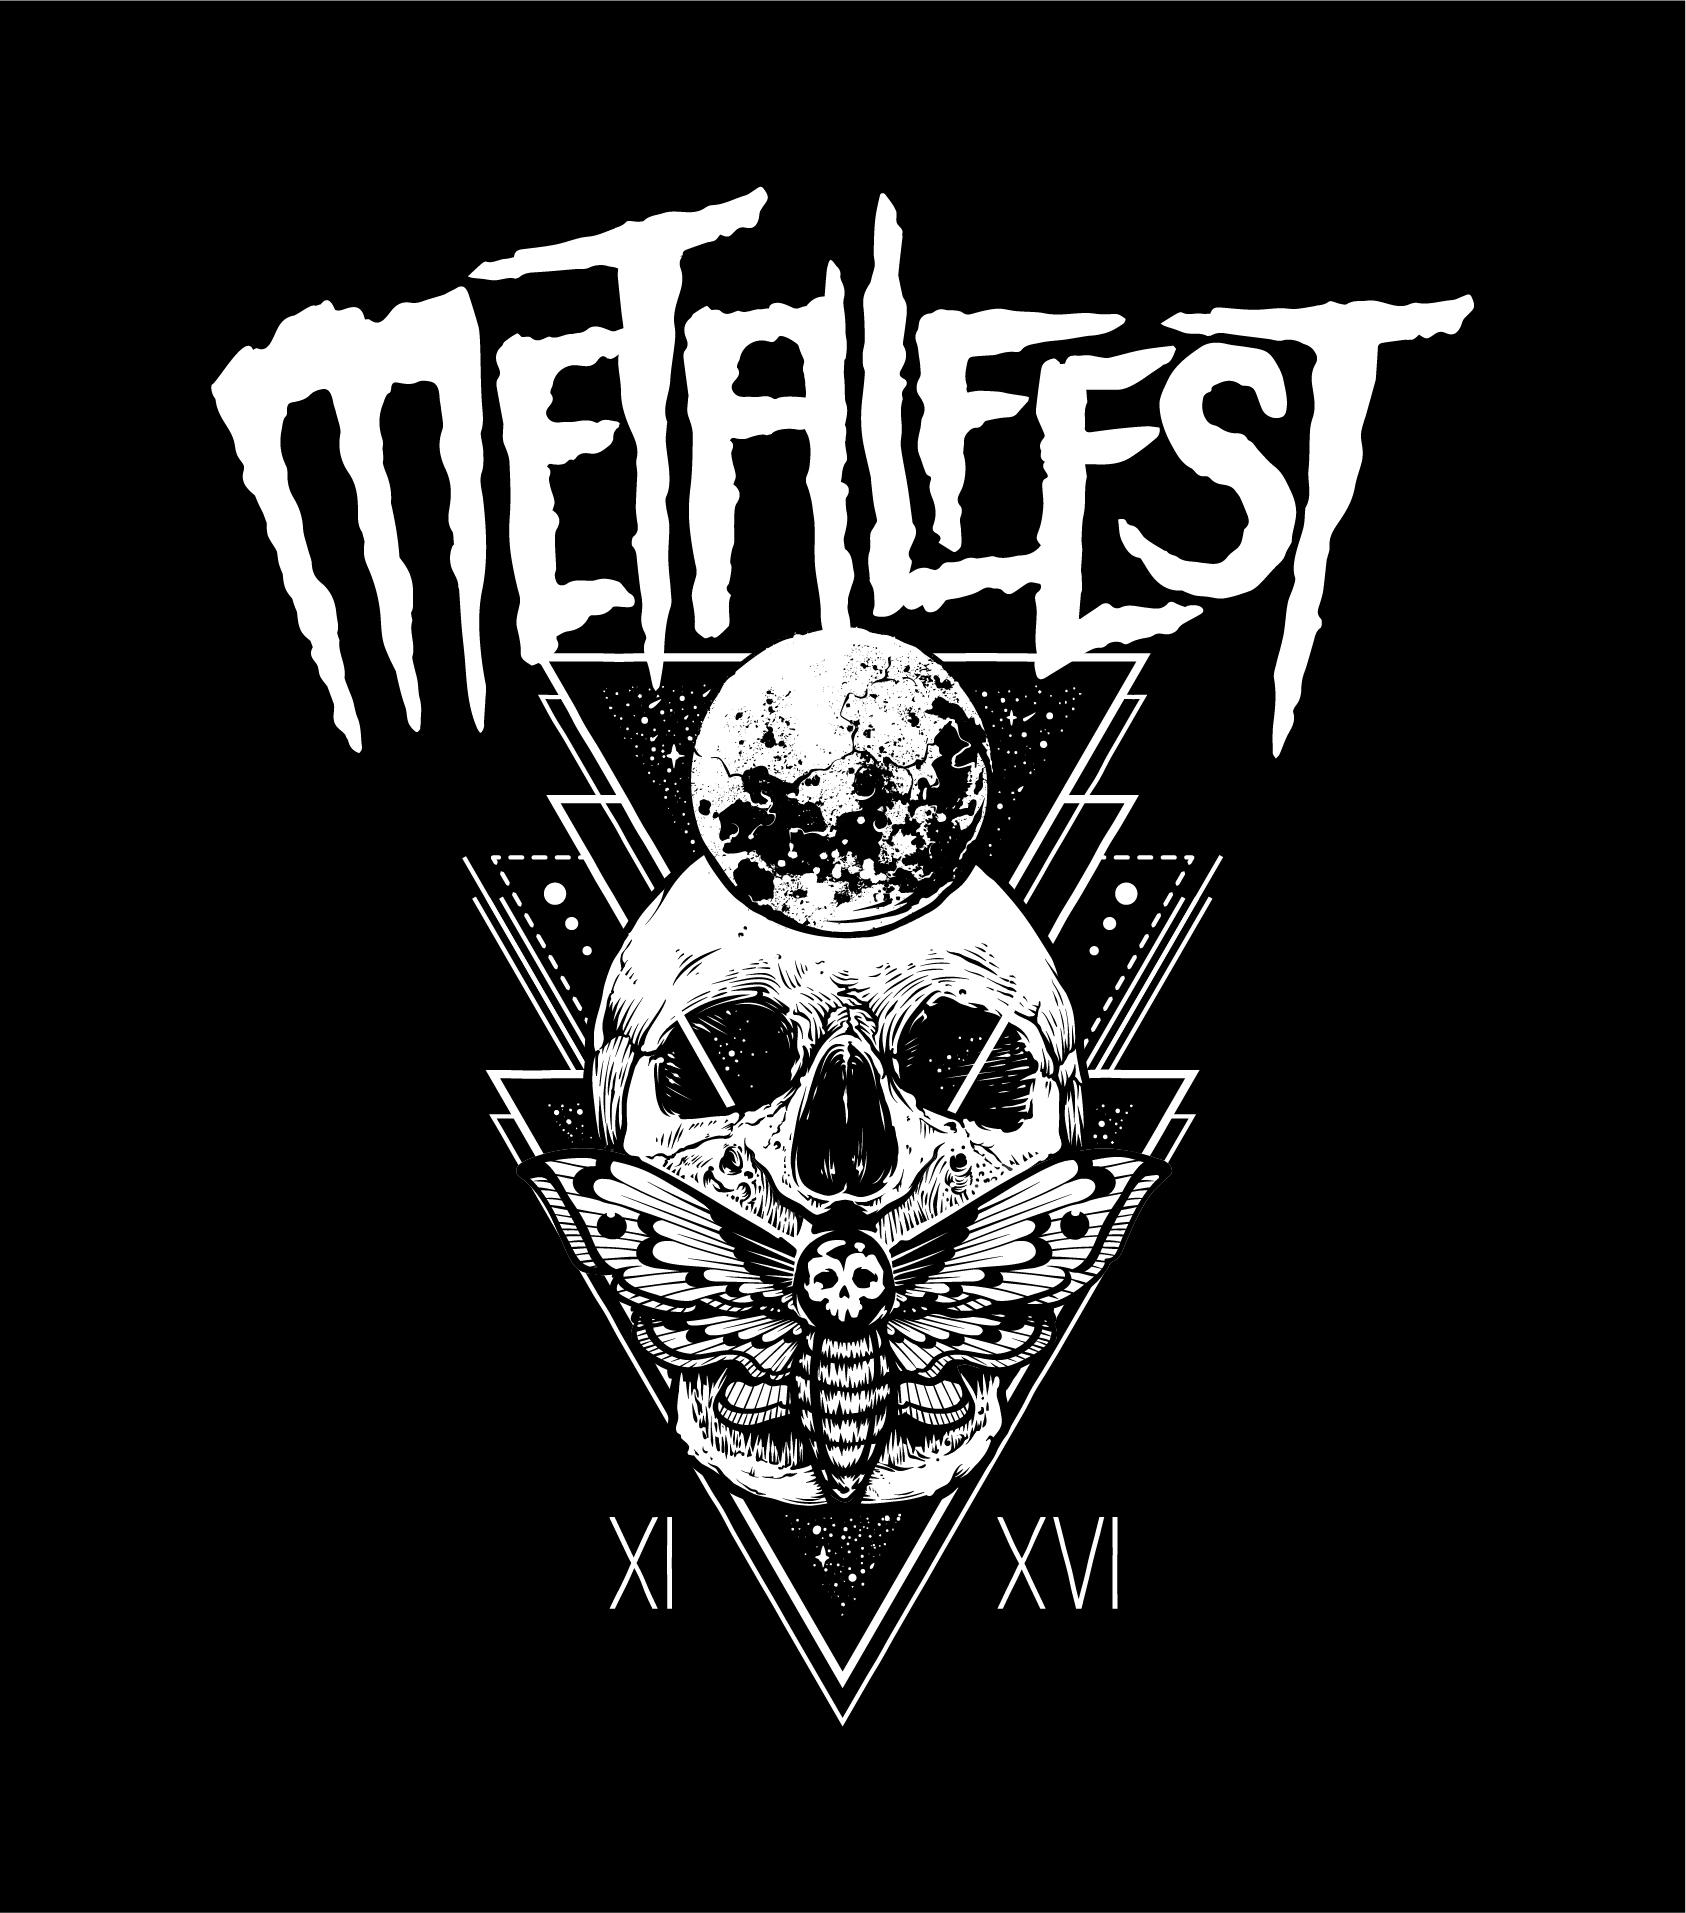 Détournement du logo du festival Hellfest en Metalfest suivi d'une illustration de planète, crâne humain et papillon museleur